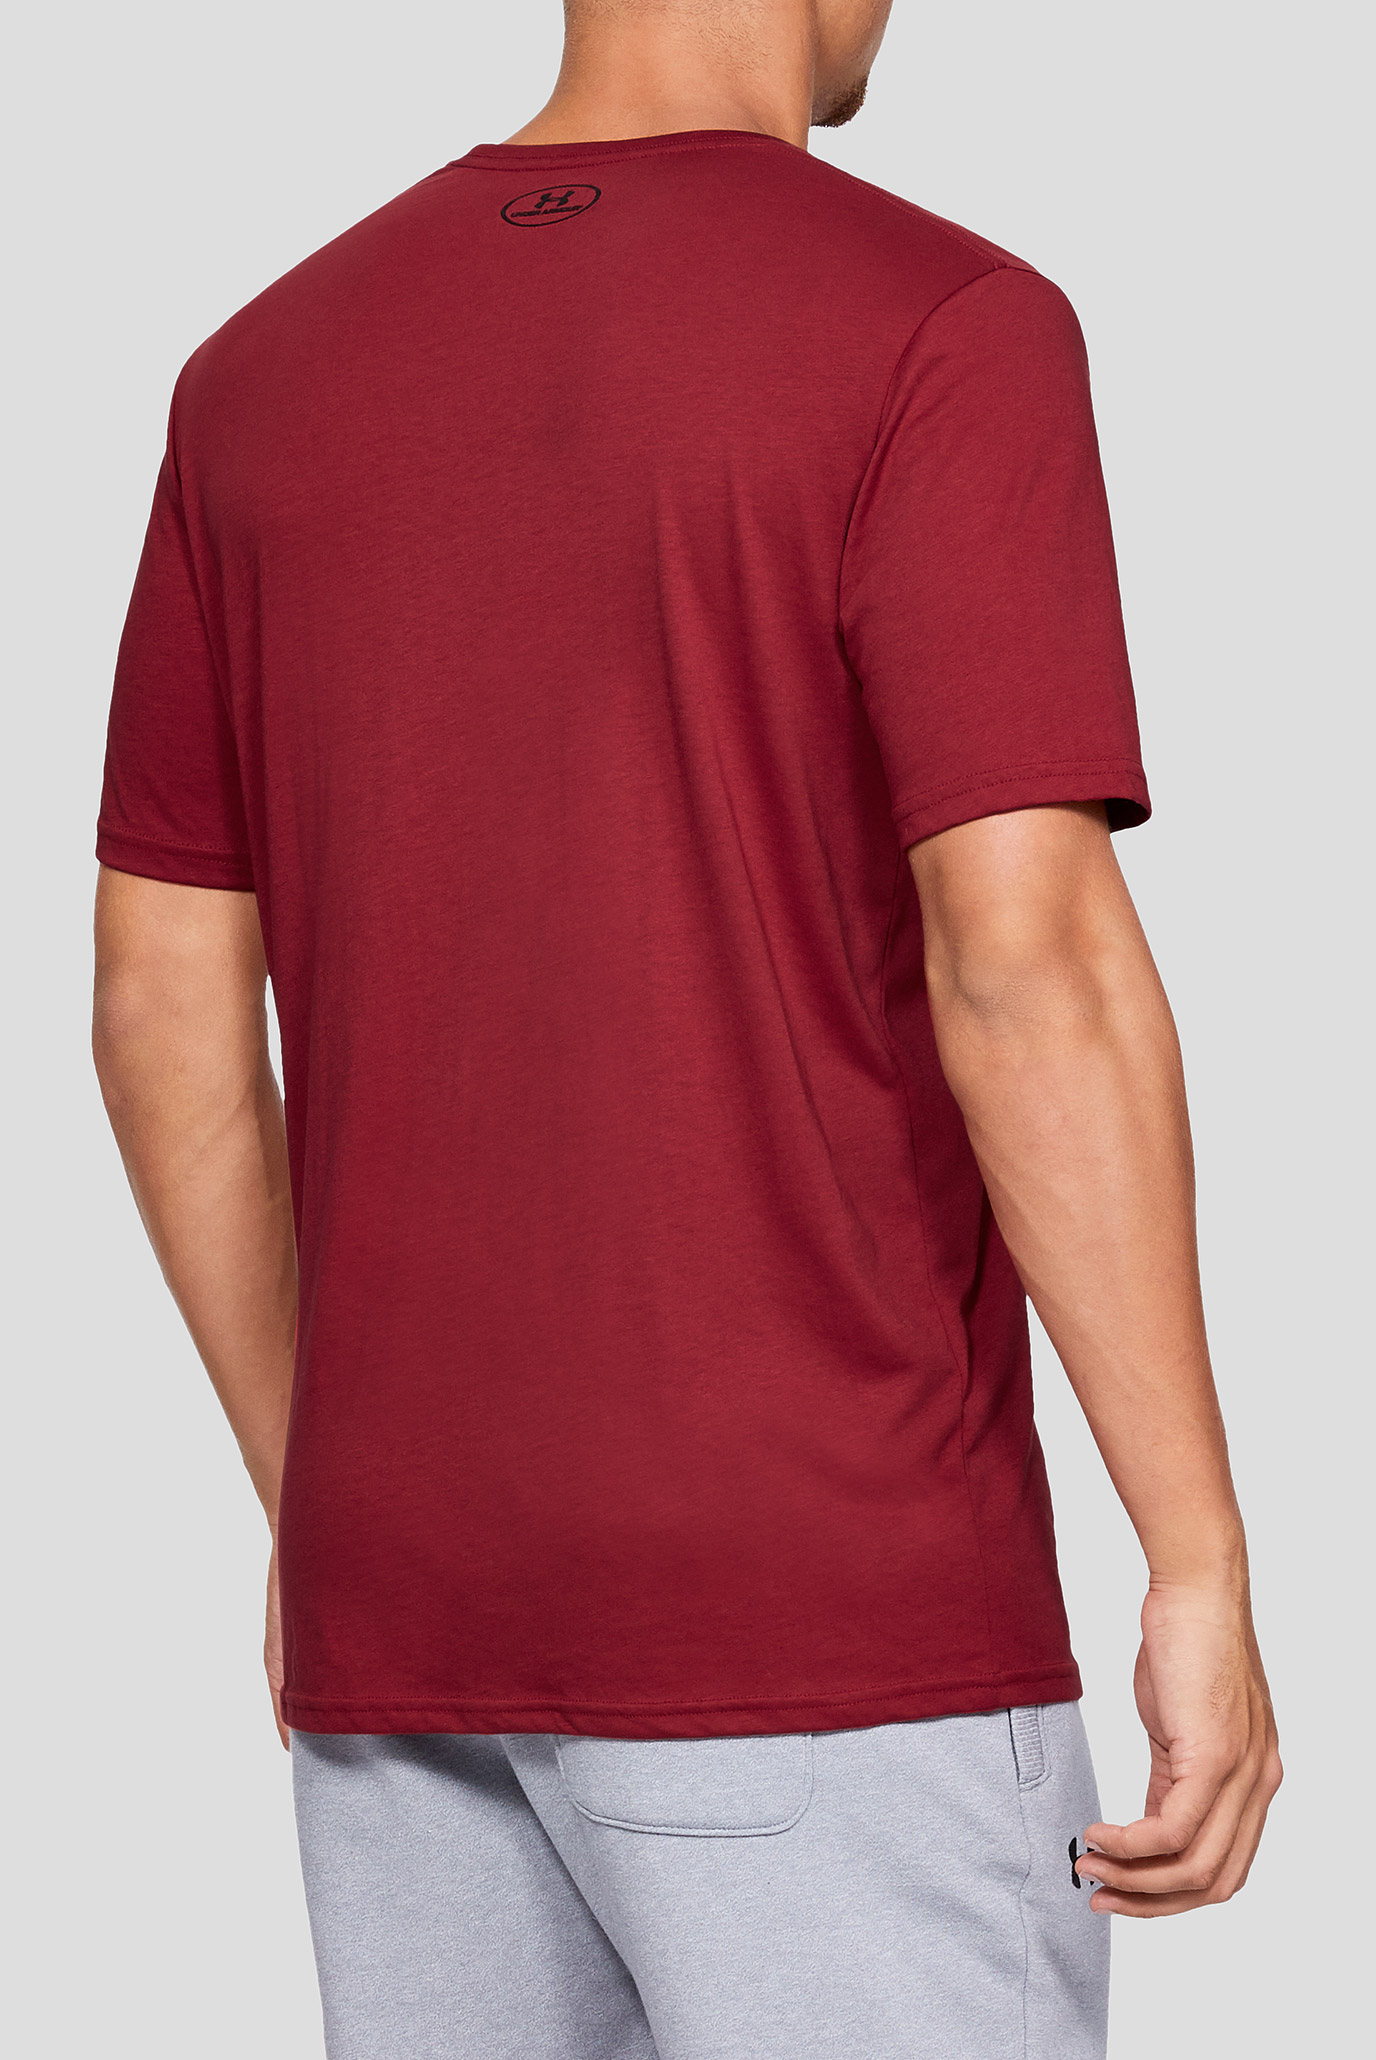 Купить Мужская красная футболка UA BIG LOGO SS Under Armour Under Armour 1329583-651 – Киев, Украина. Цены в интернет магазине MD Fashion